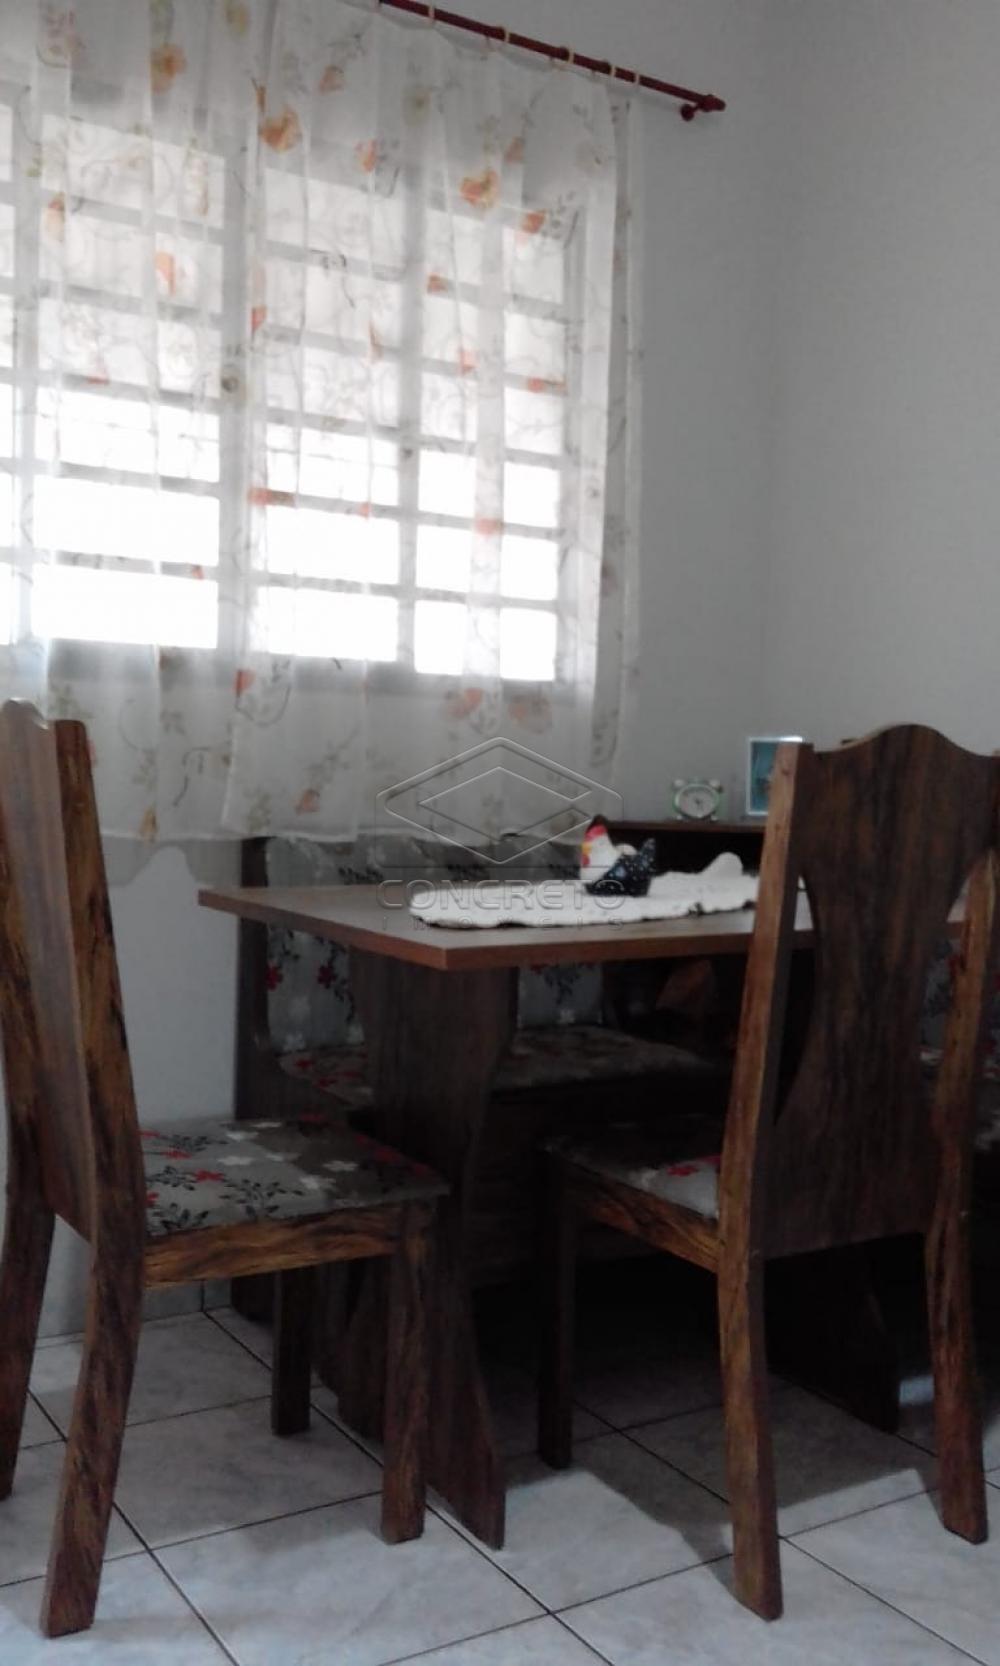 Comprar Casa / Padrão em Bauru apenas R$ 200.000,00 - Foto 4